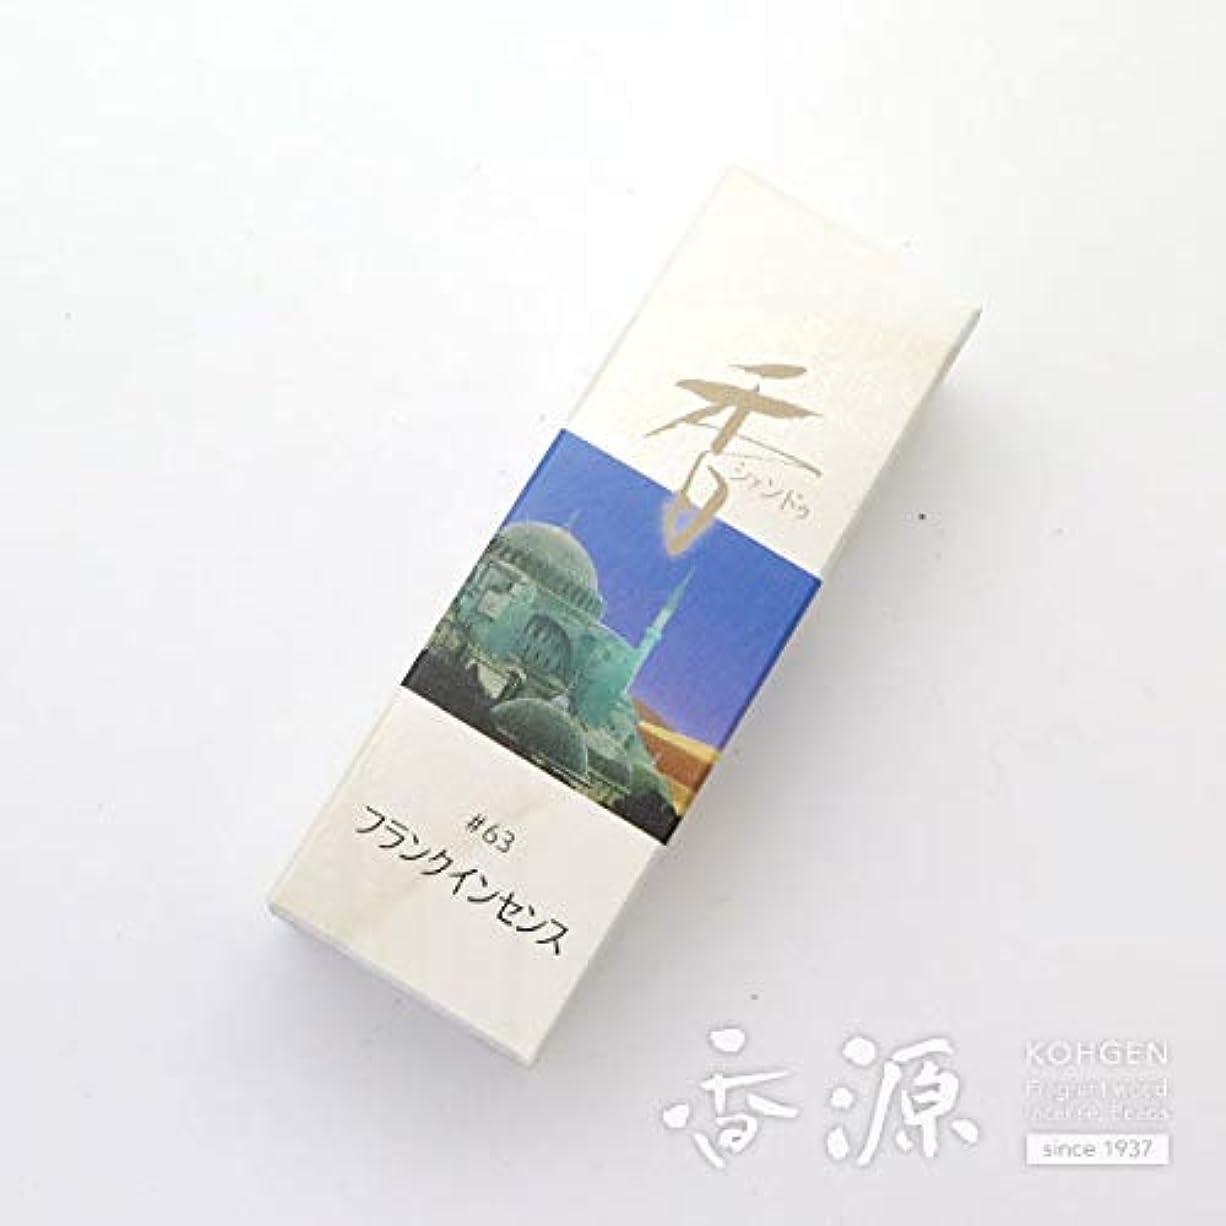 バーマドオーバーフロー平日Xiang Do(シャンドゥ) 松栄堂のお香 フランクインセンス ST20本入 簡易香立付 #214263